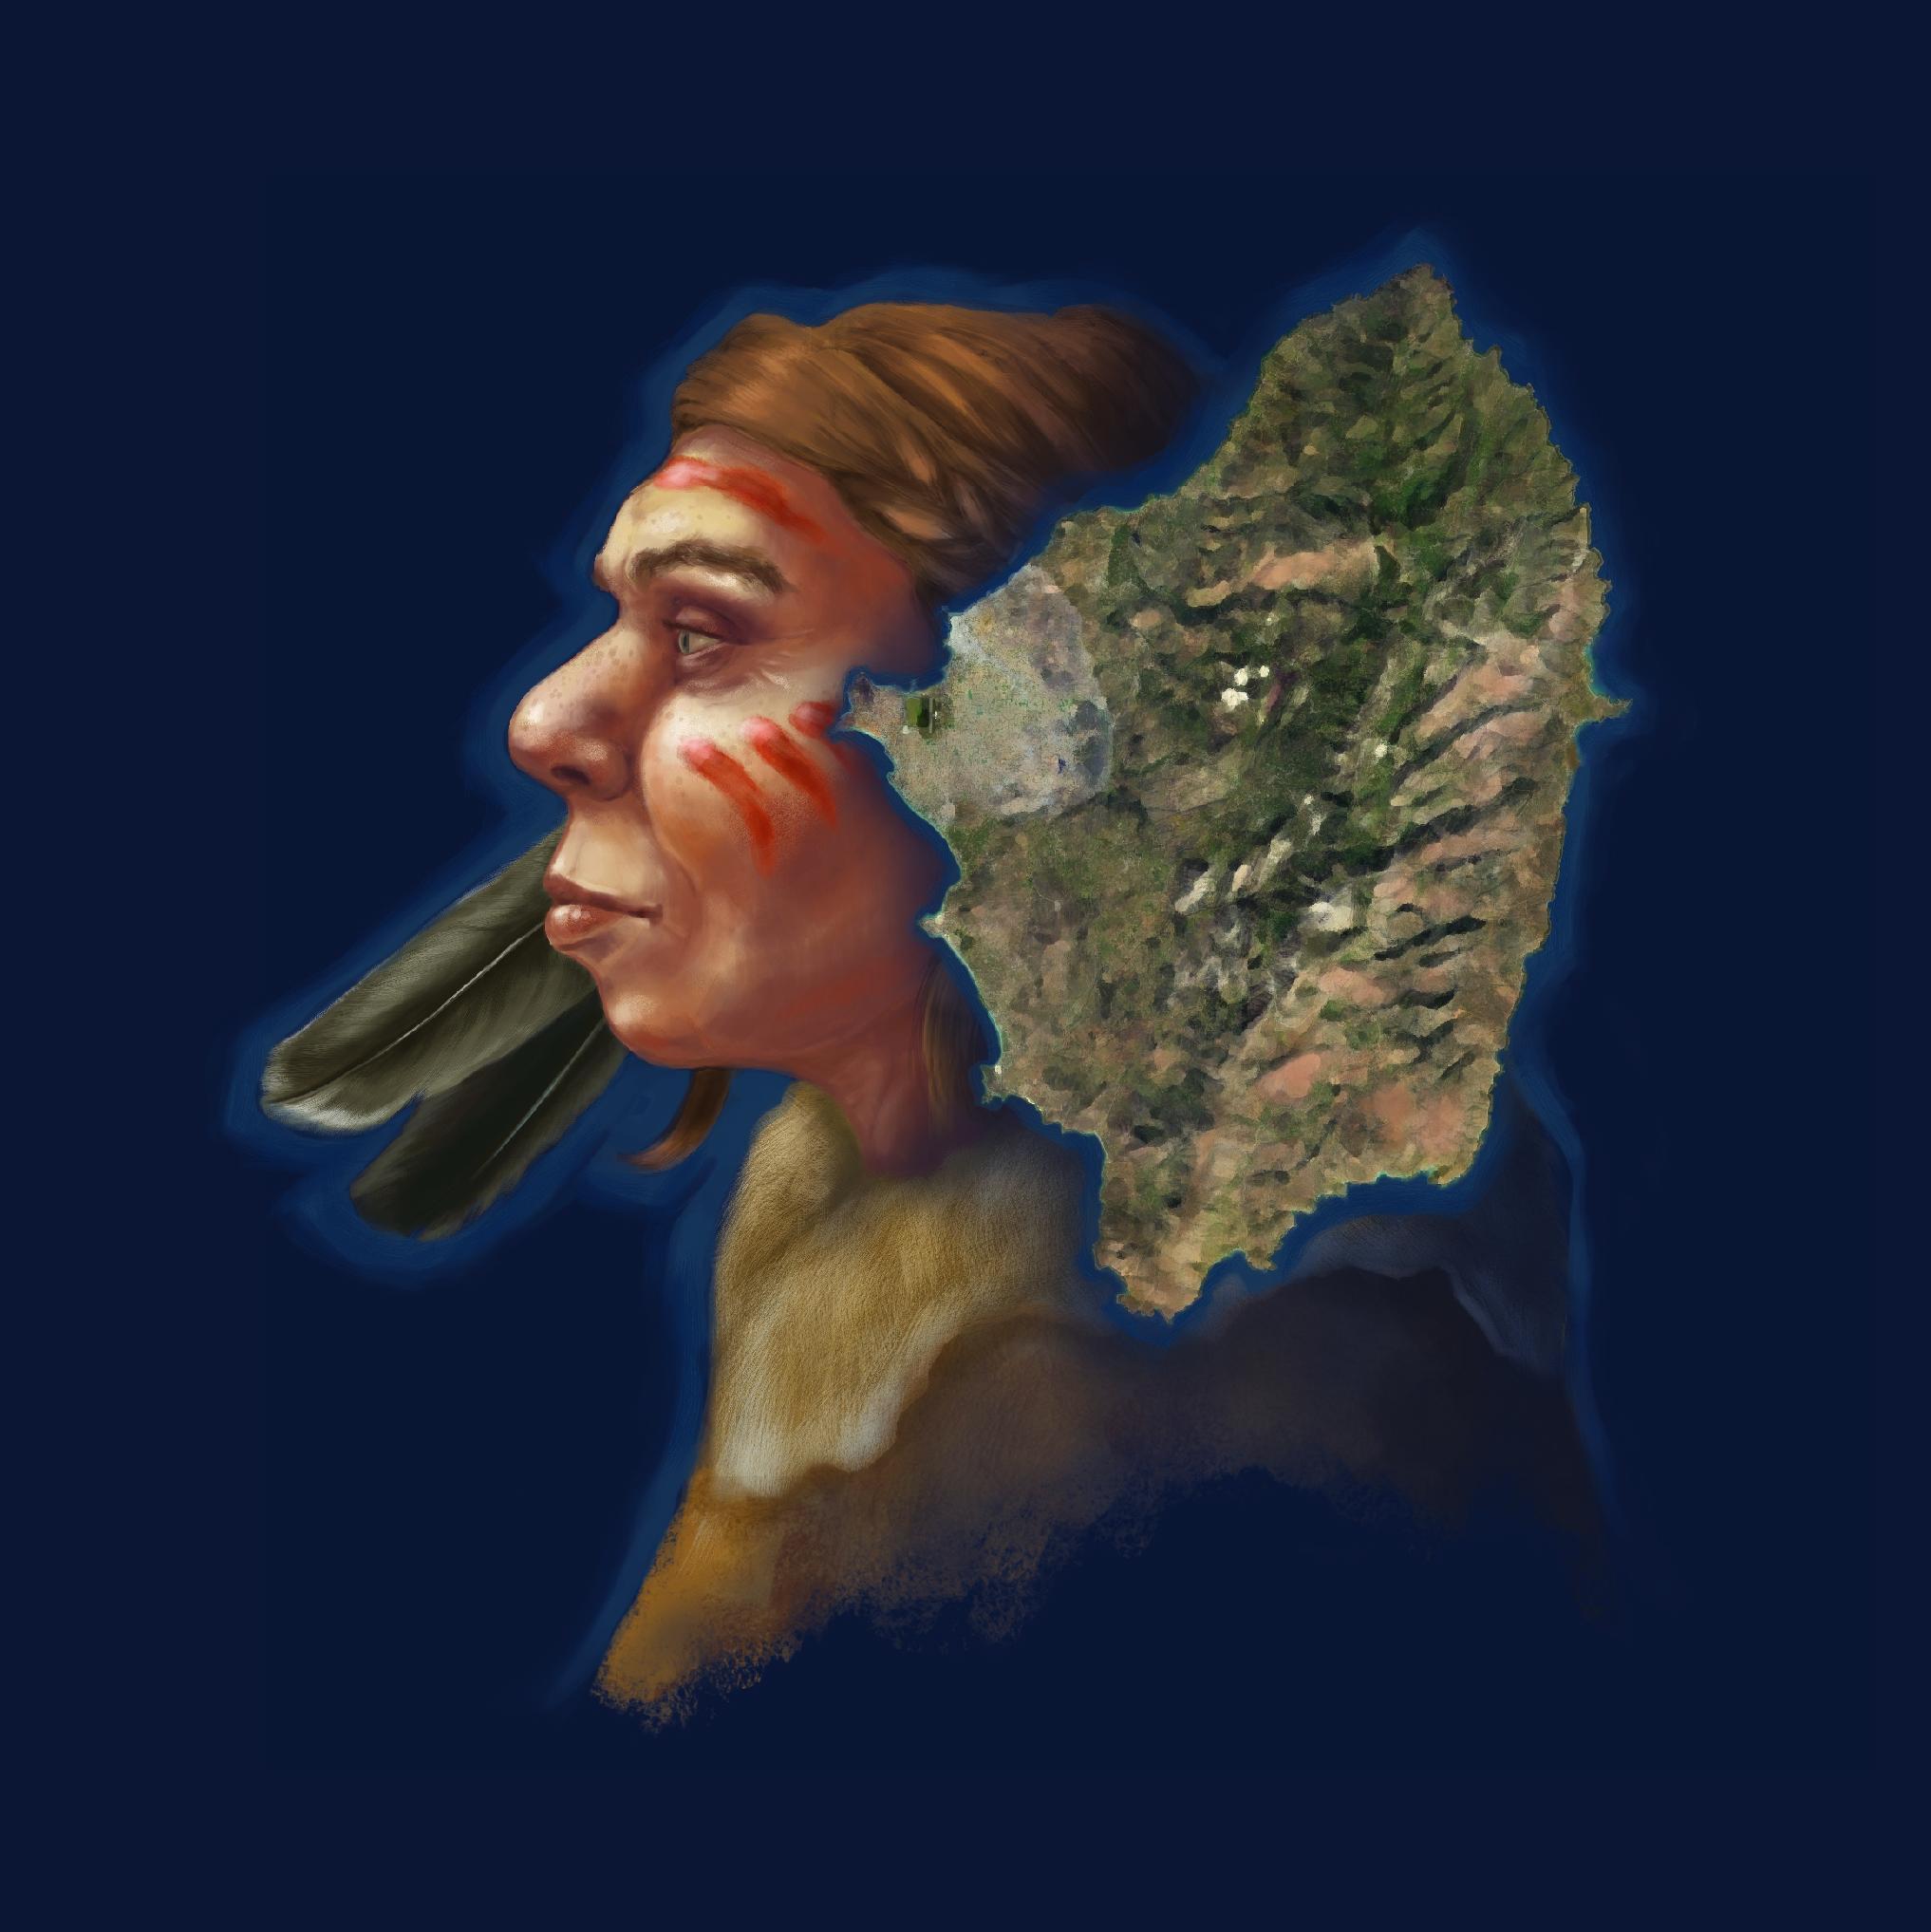 Παλαιολιθικοί άνθρωποι και Νεάντερταλ έφθασαν στη Νάξο πριν 200.000 χρόνια